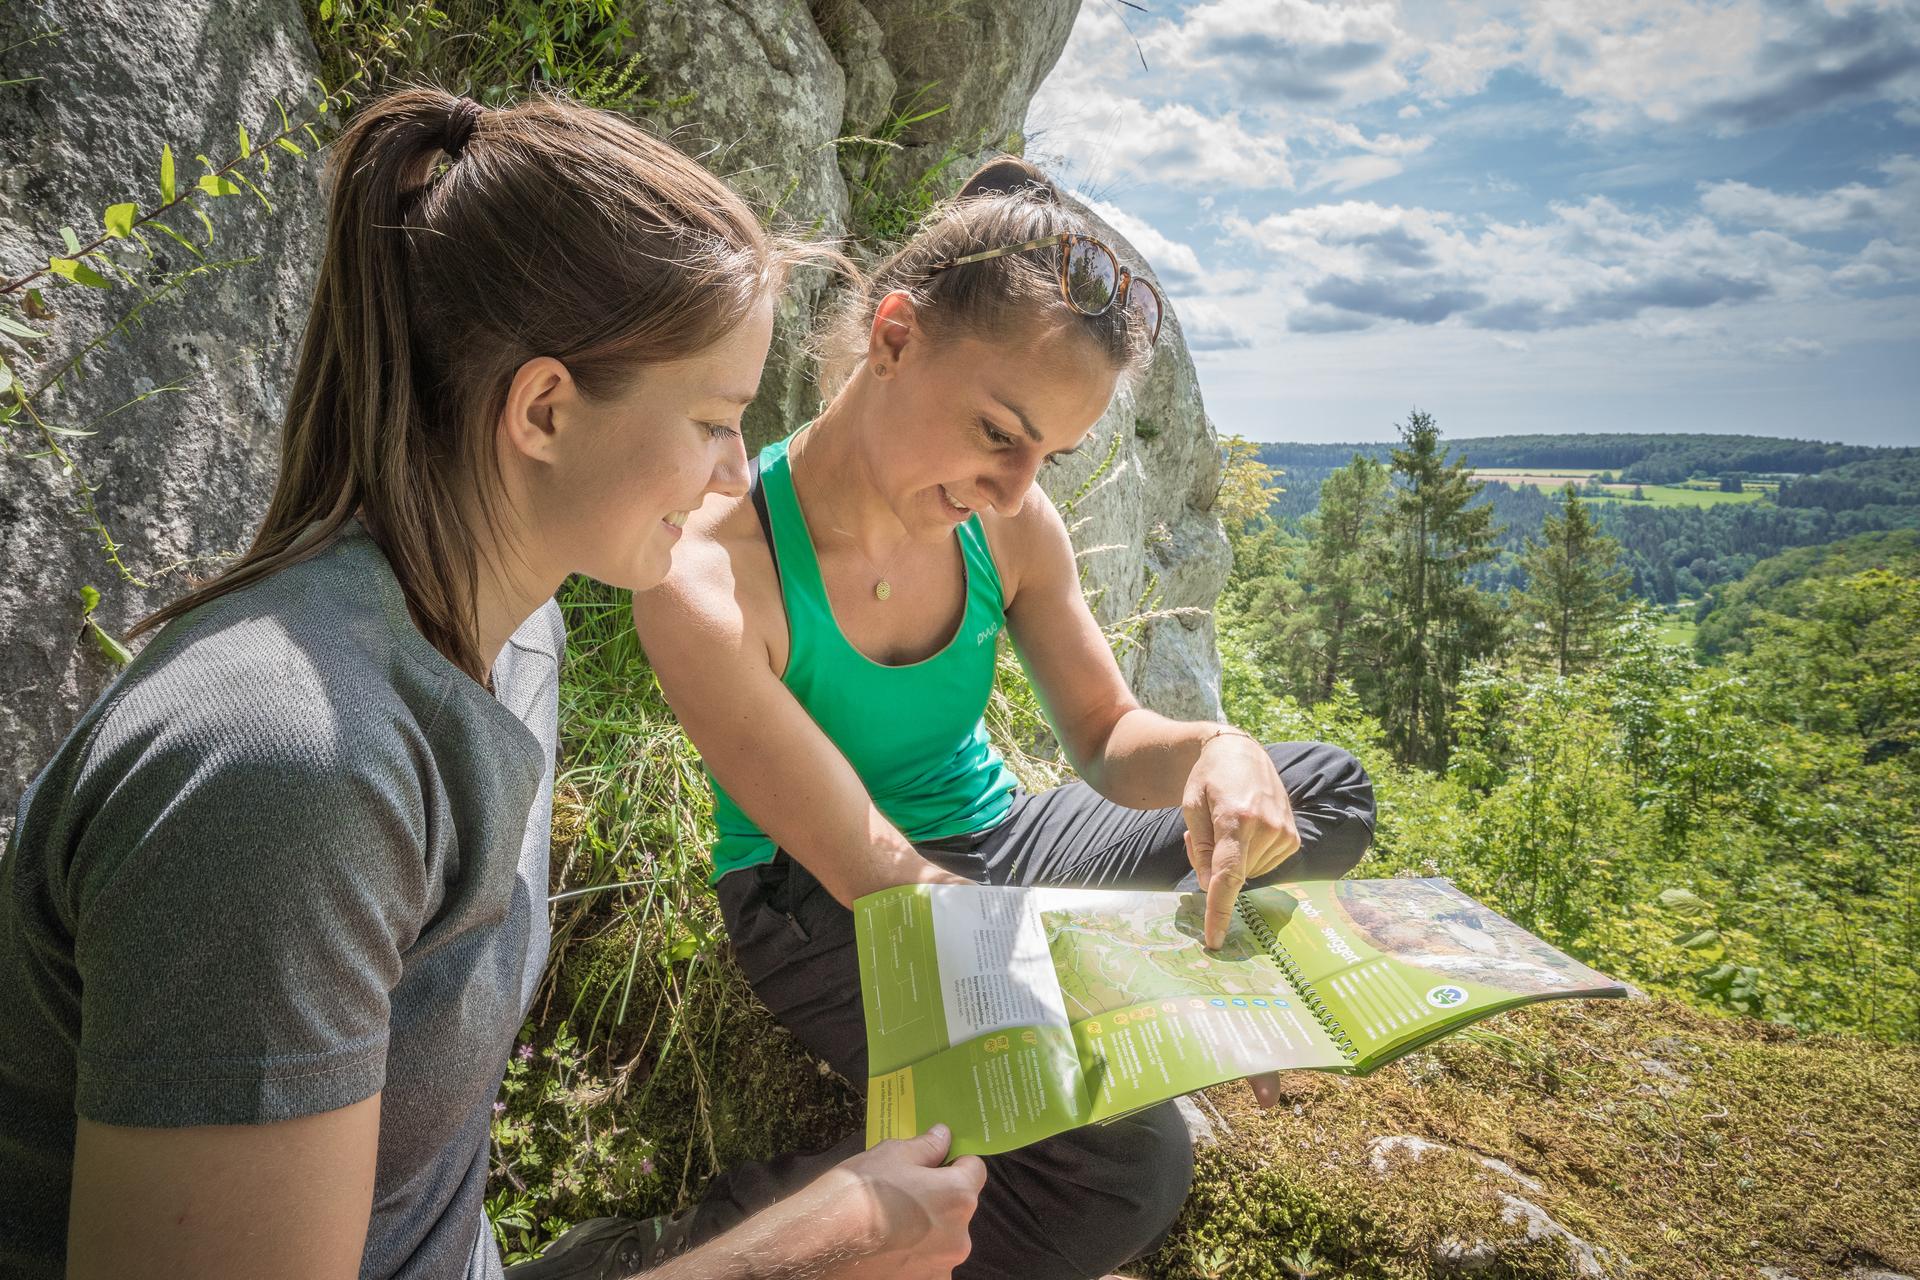 Zwei Personen sitzen an einem Fels auf einer Steinmauer und schauen in eine grüne Broschüre zum Aufklappen. Eine zeigt mit dem Finger darauf, beide lächeln. Im Hintergrund ist ein weiter Ausblick über den Wald und Felder. Der Himmel ist bewölkt, aber es ist sonnig und warm.